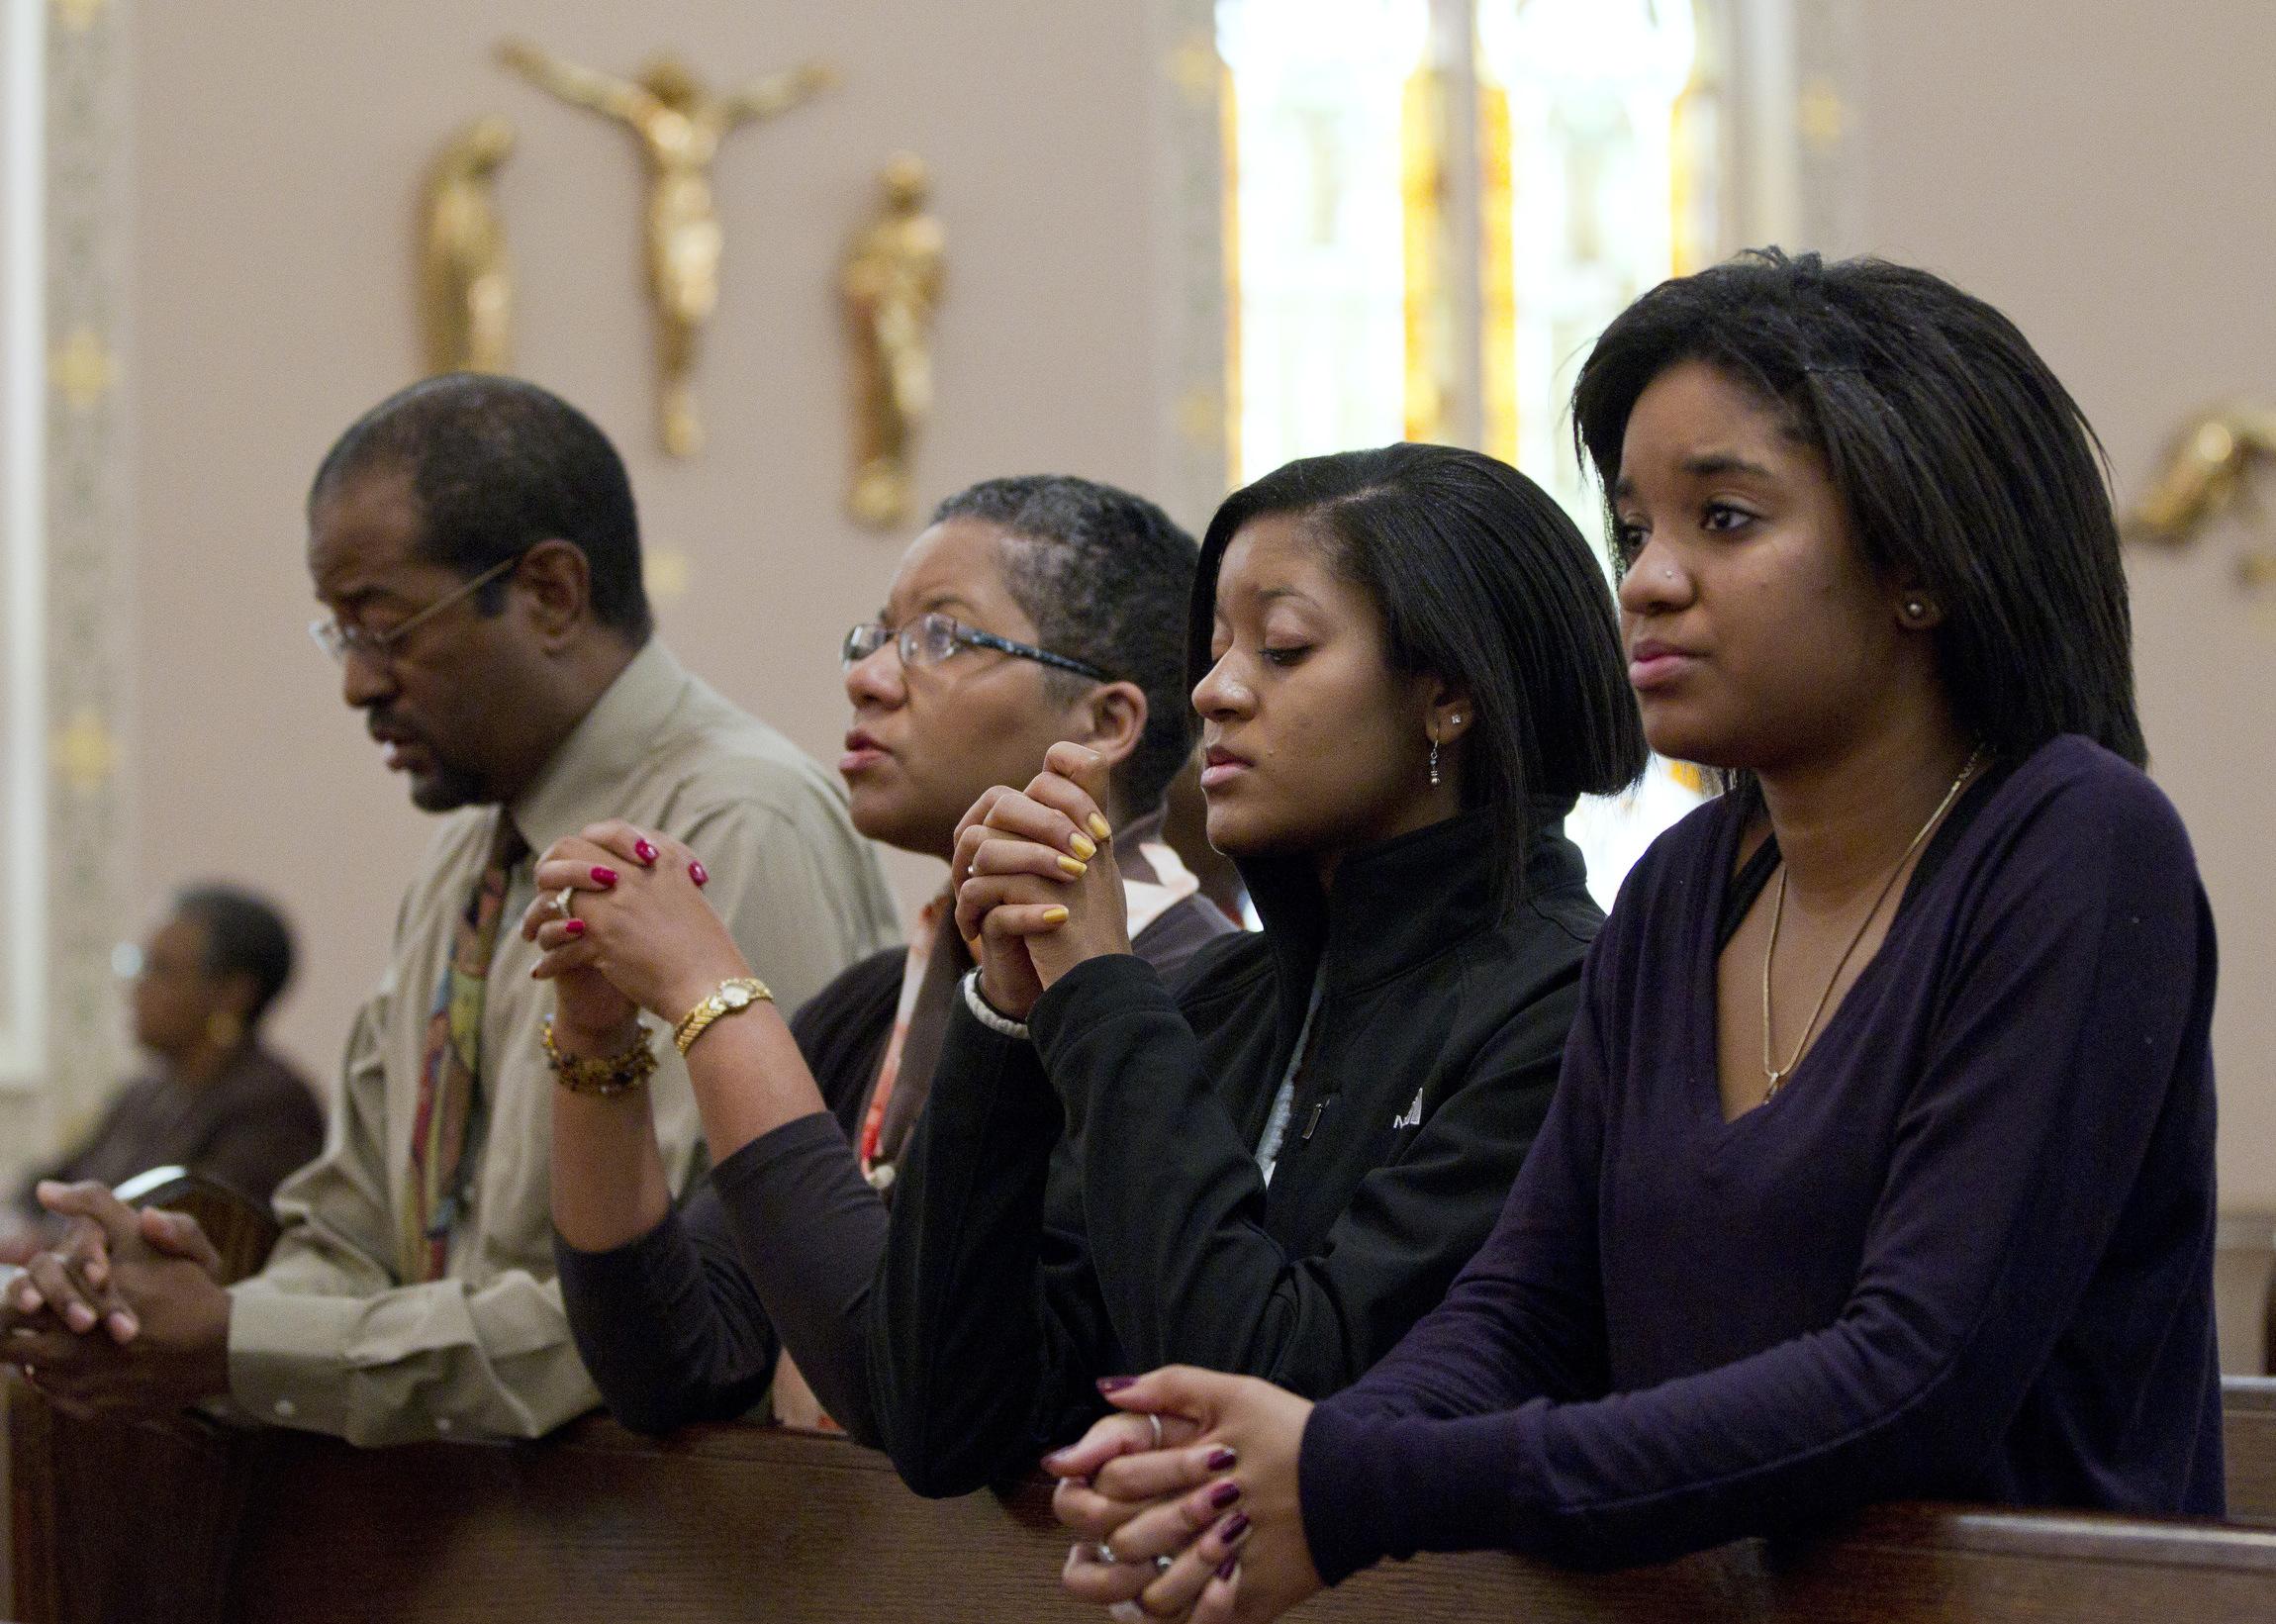 Black church girls pic — img 8